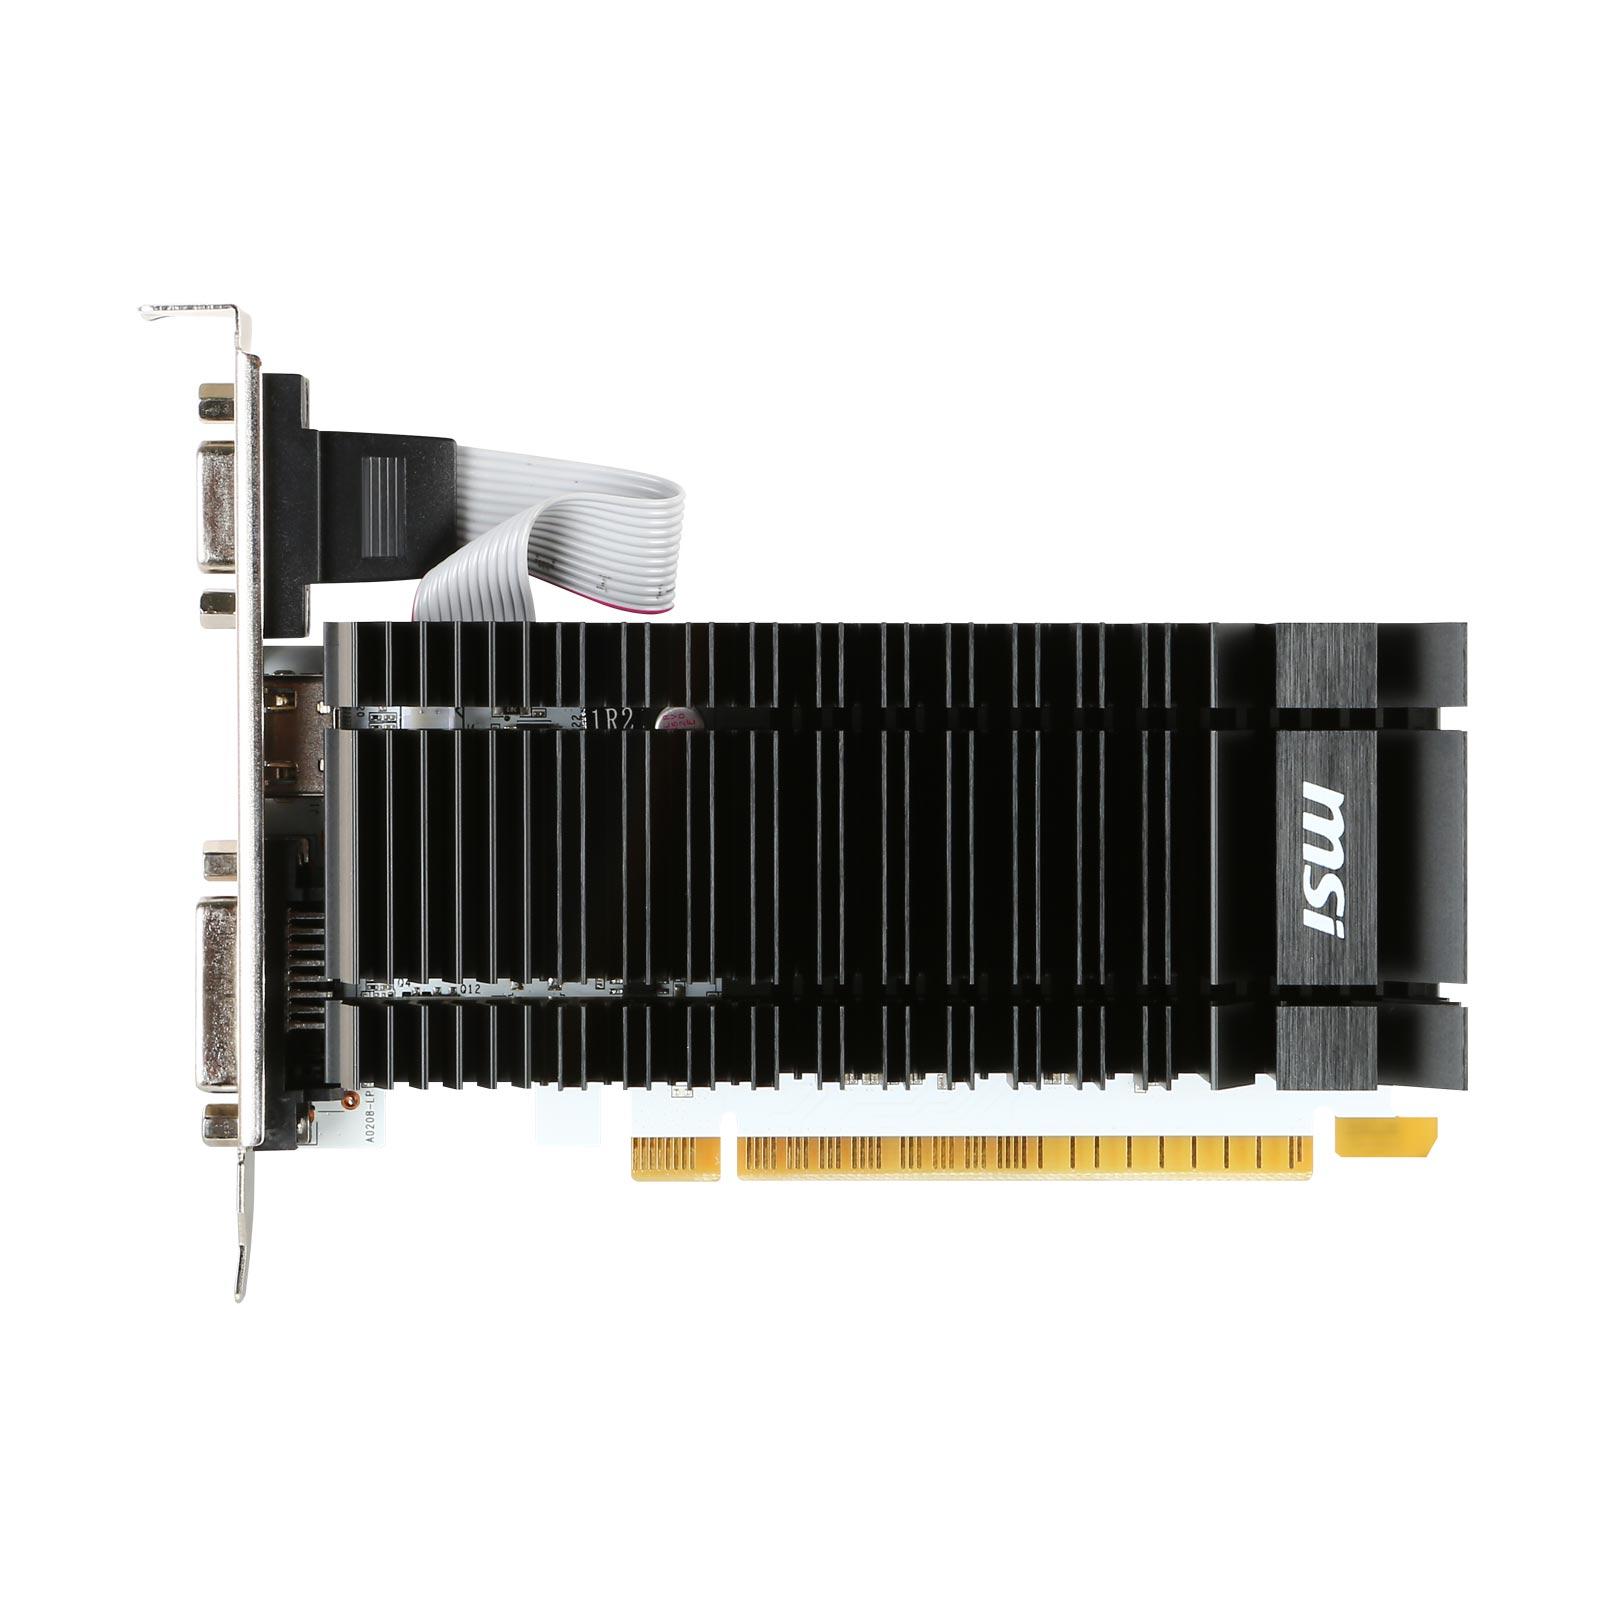 Carte graphique MSI GT730 2 Go DDR3 PCIe, informatique reunion, informatique ile de la Réunion 974